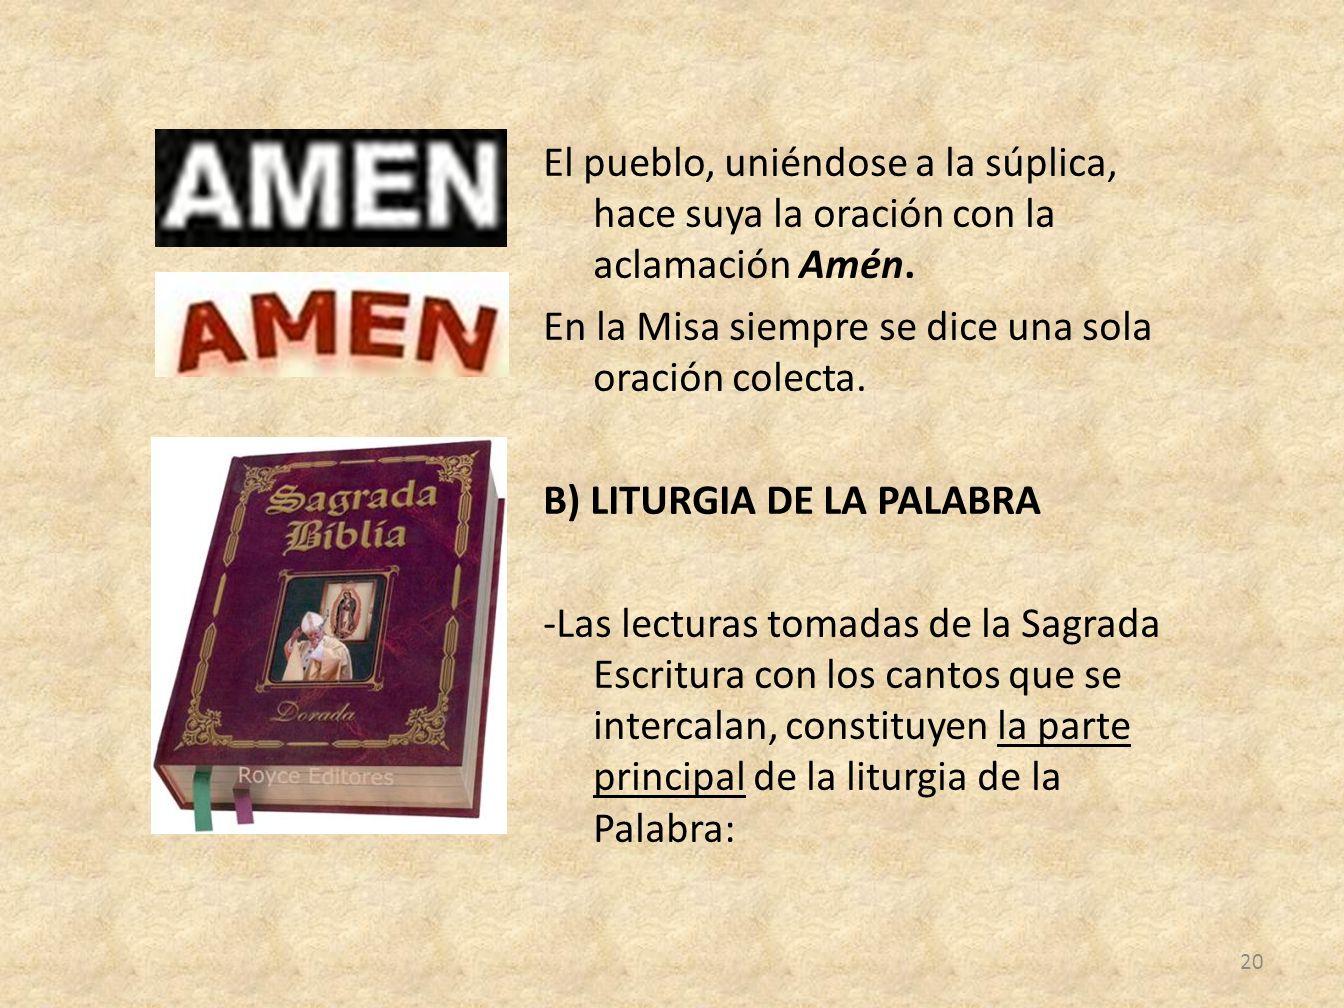 El pueblo, uniéndose a la súplica, hace suya la oración con la aclamación Amén. En la Misa siempre se dice una sola oración colecta. B) LITURGIA DE LA